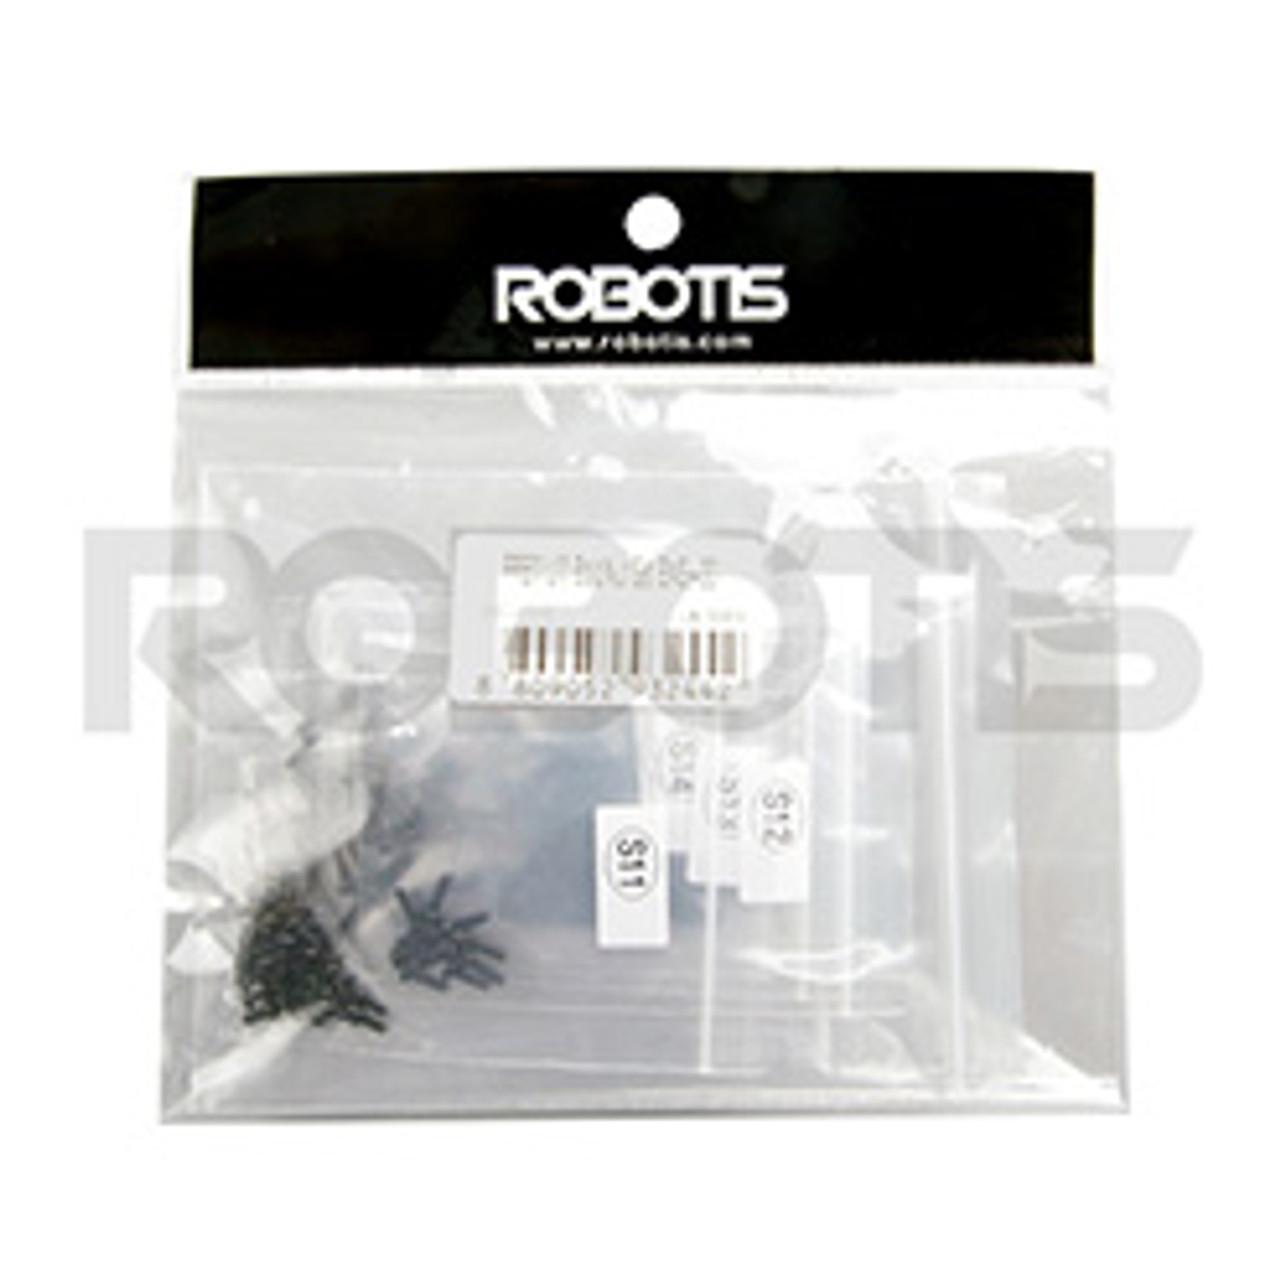 BIOLOID Bolt Nut Set BNS-10 Robotis